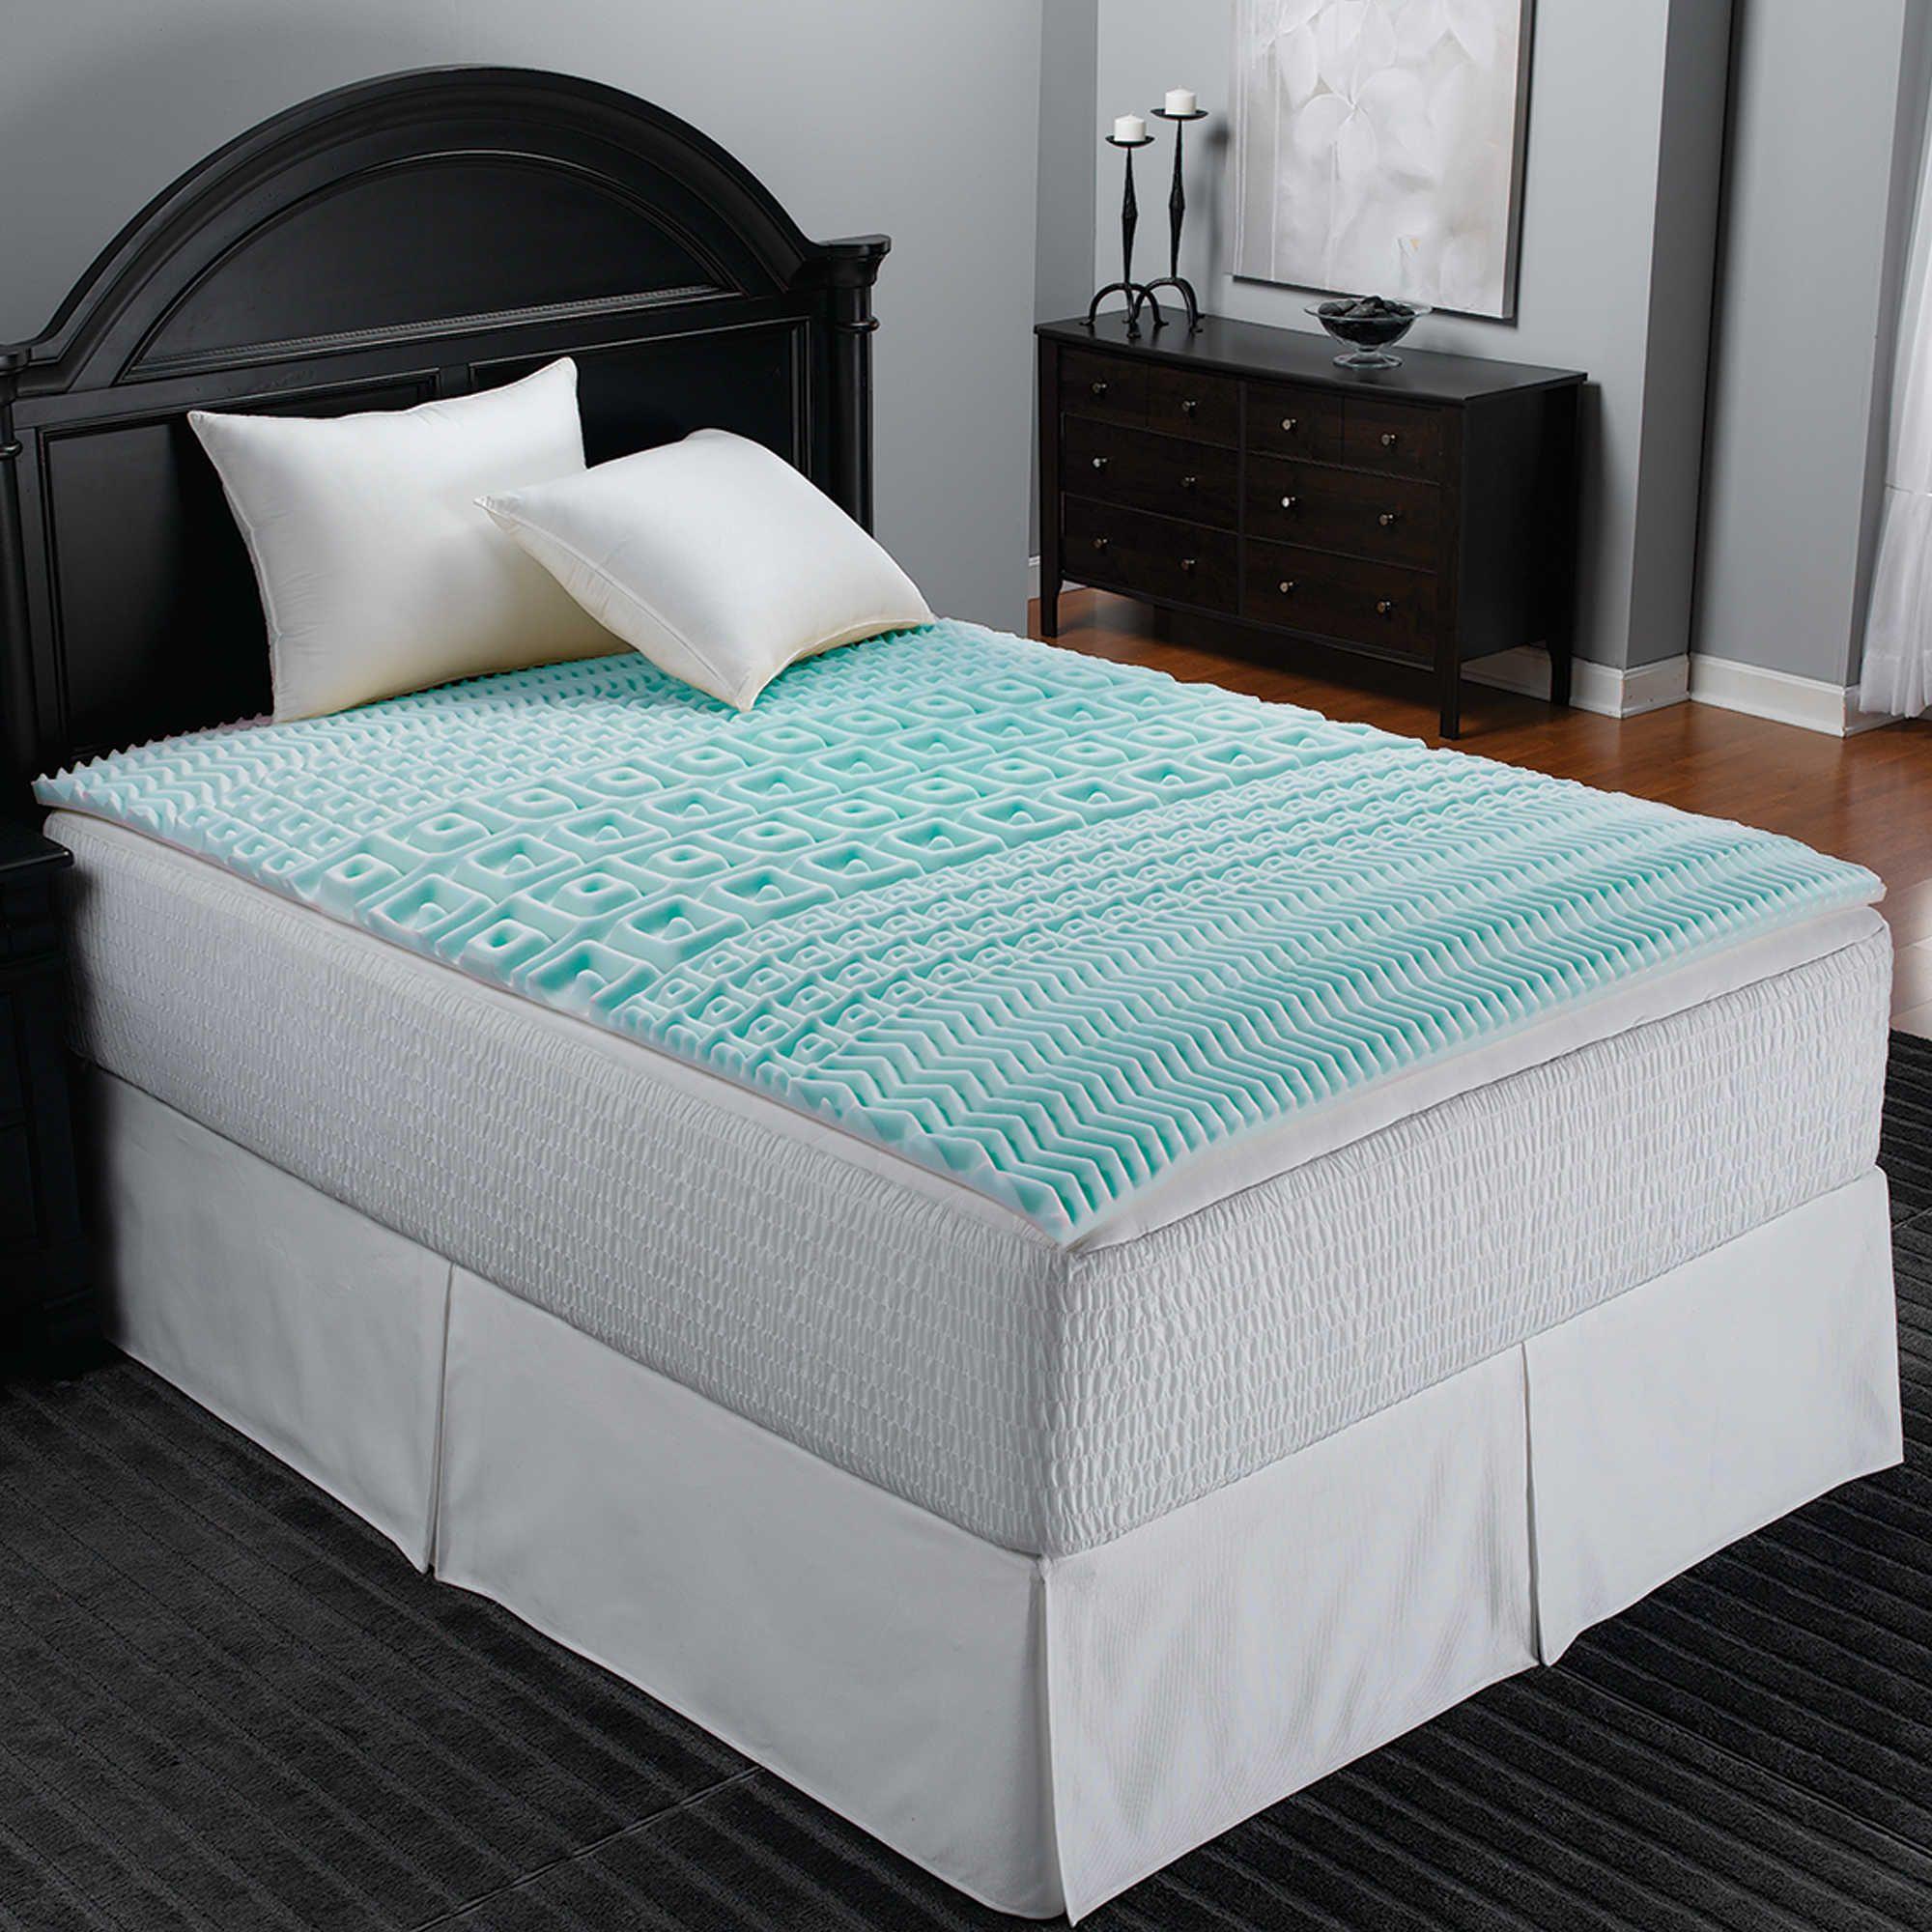 Sleep Zone 5Zone Foam Mattress Topper in Blue in 2019